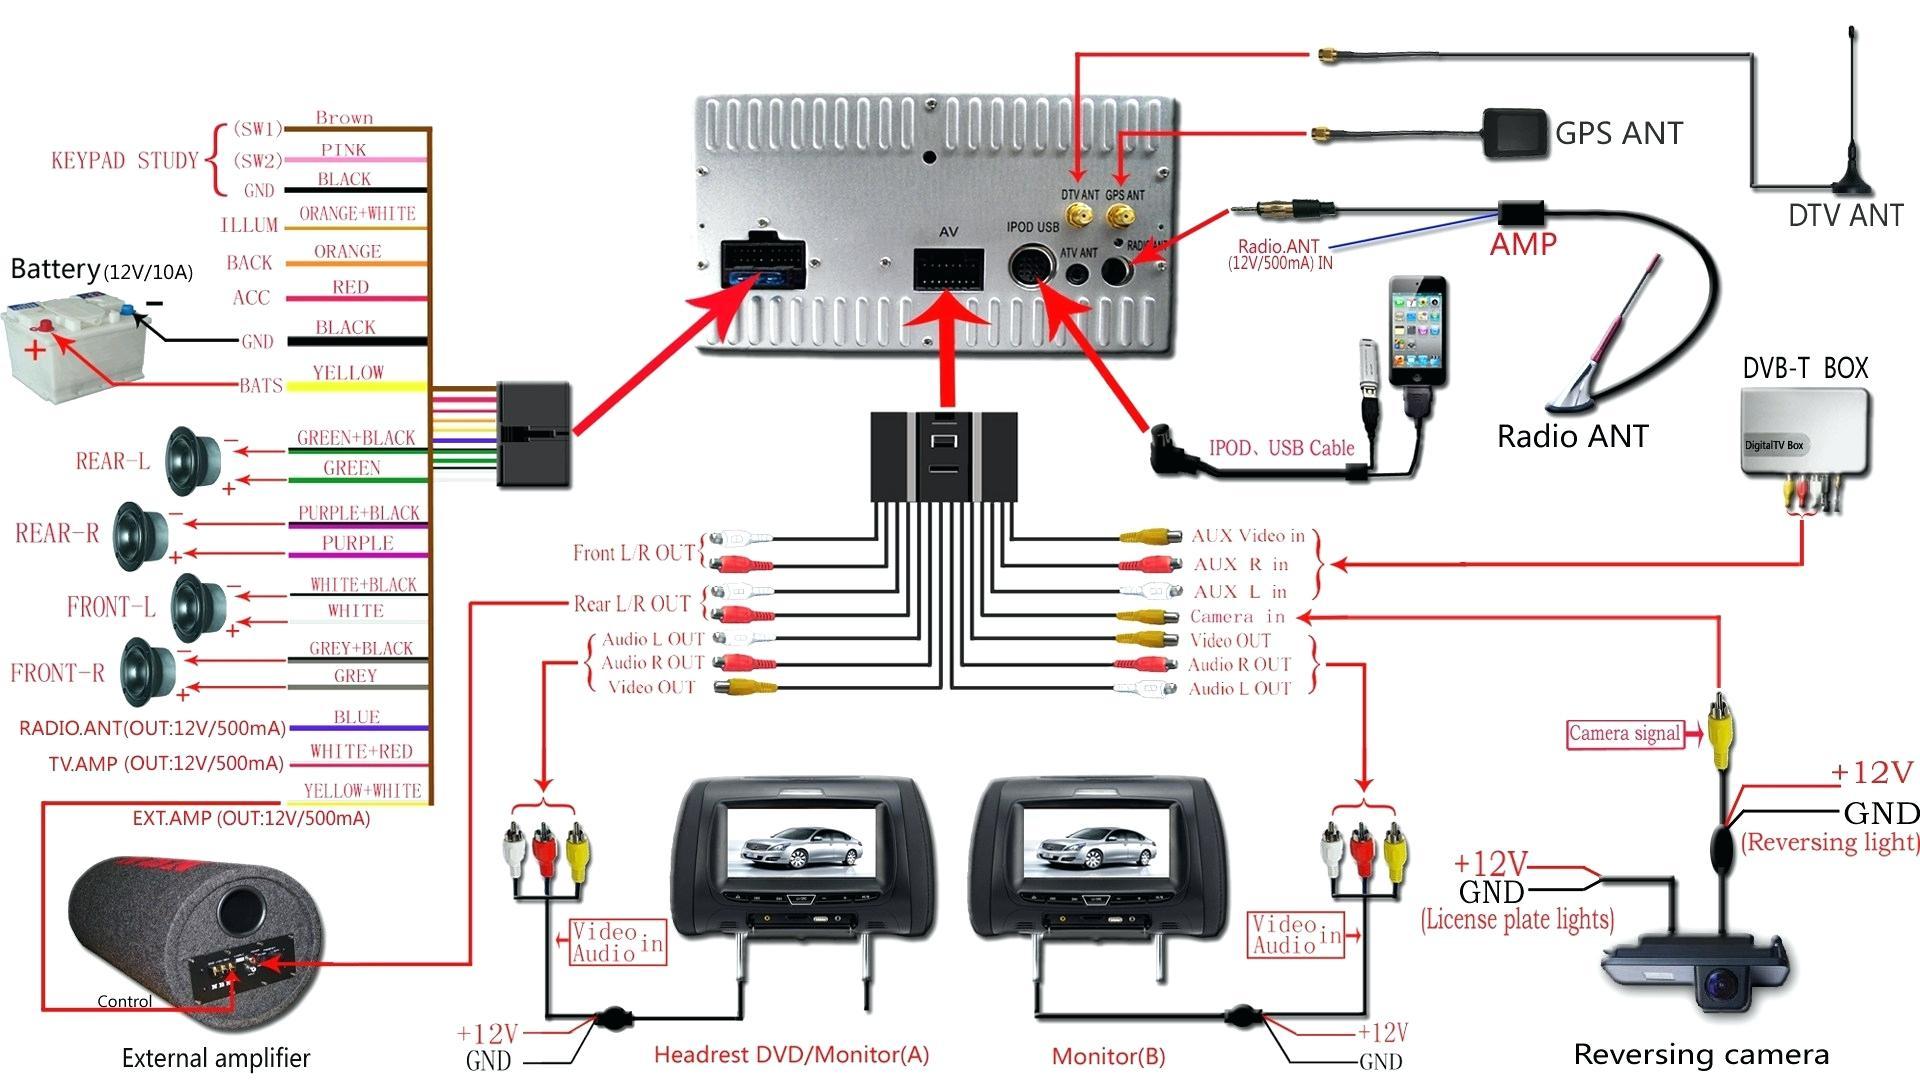 Pioneer Car Speaker Wiring Diagram - Free Wiring Diagram For You • - Car Speaker Wiring Diagram